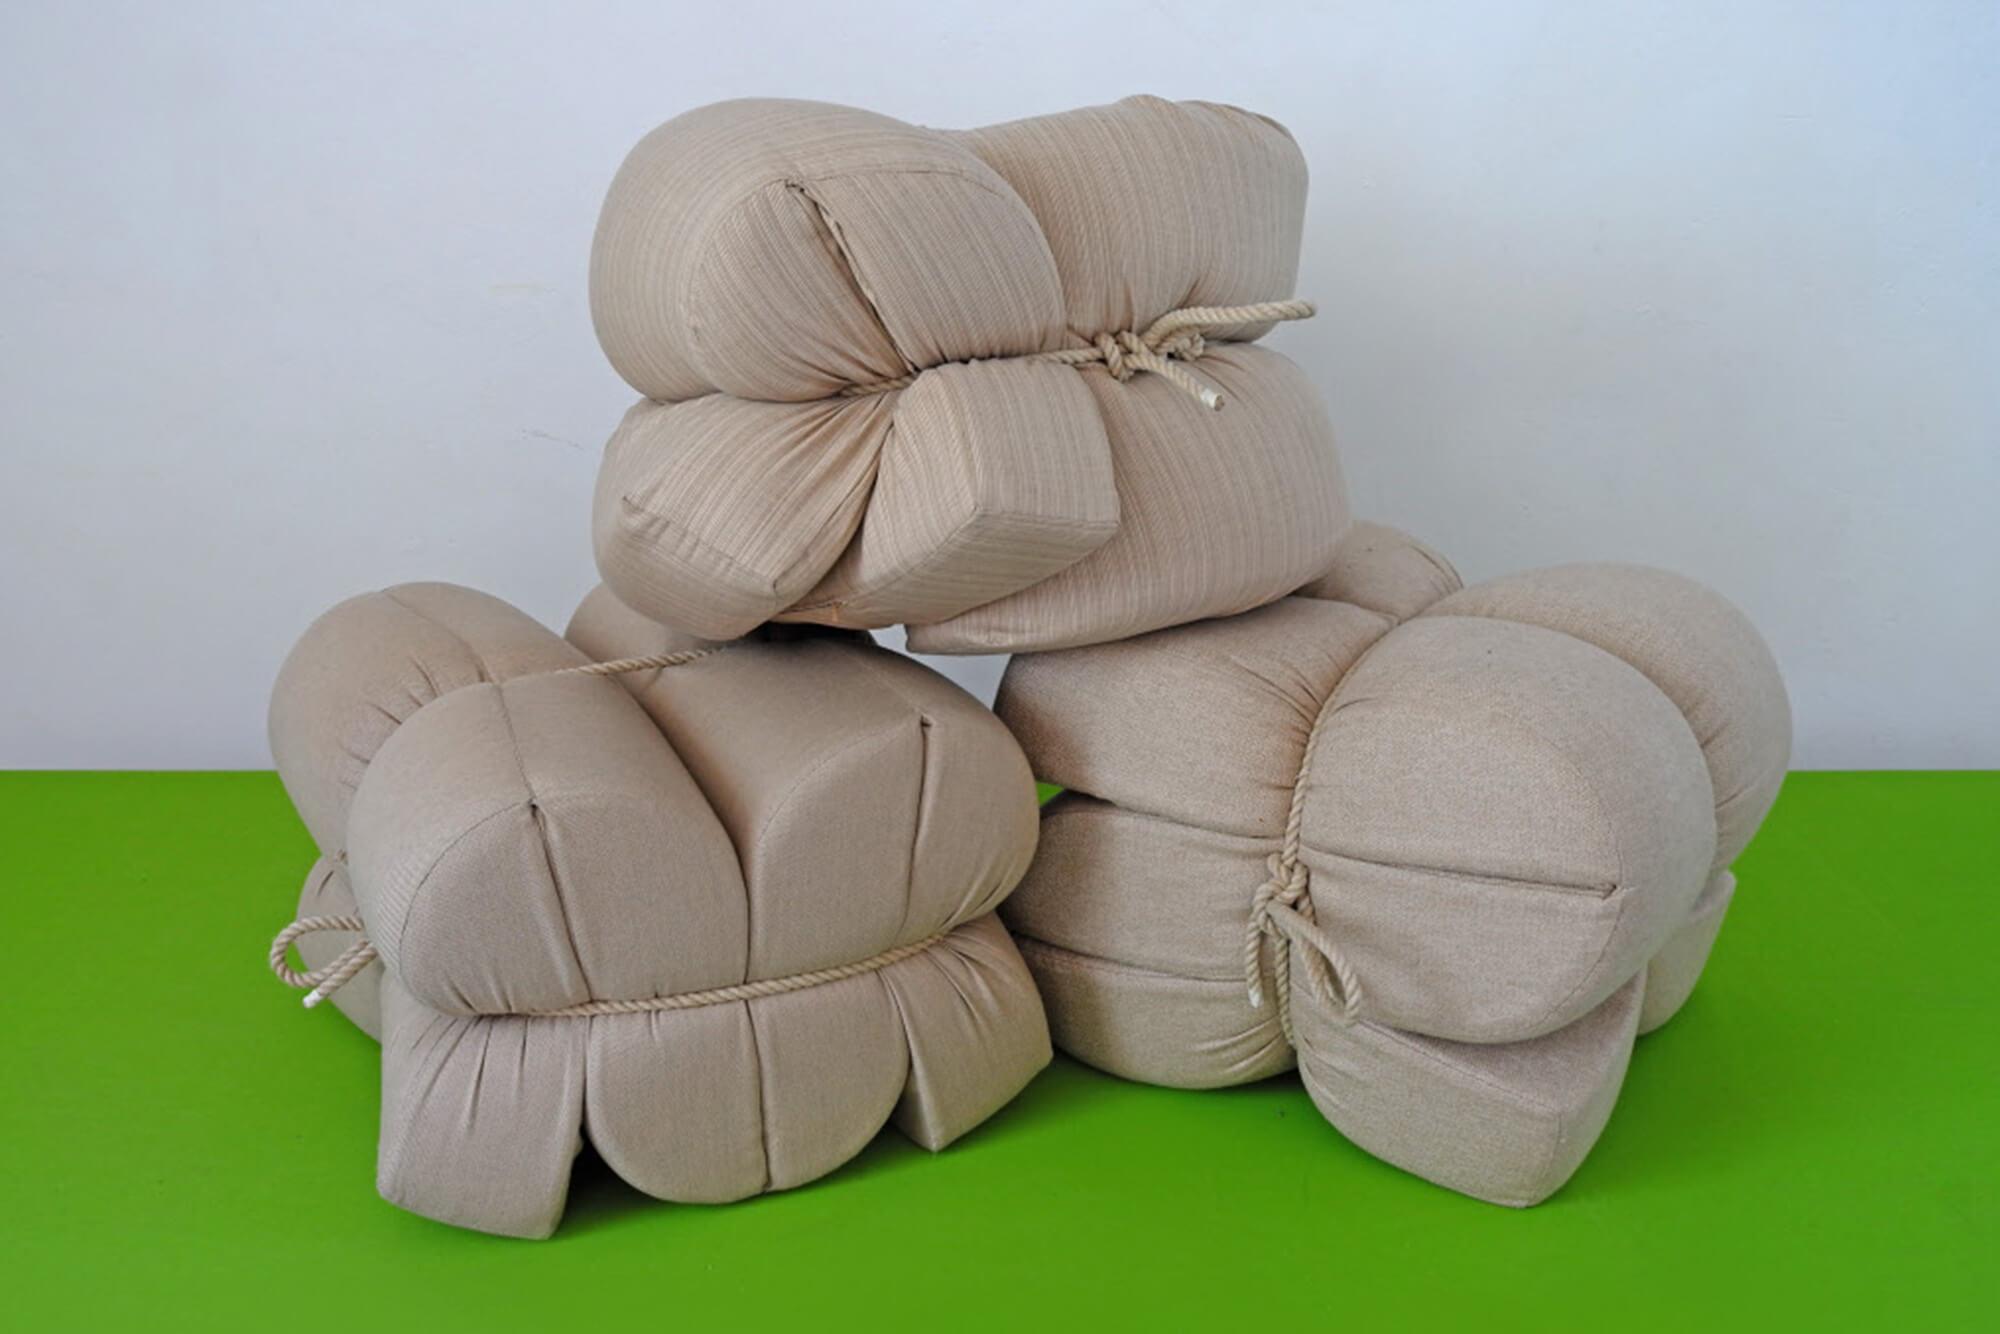 Cojines fabricados utilizando telas Sunbrella doblados y atados con cuerda